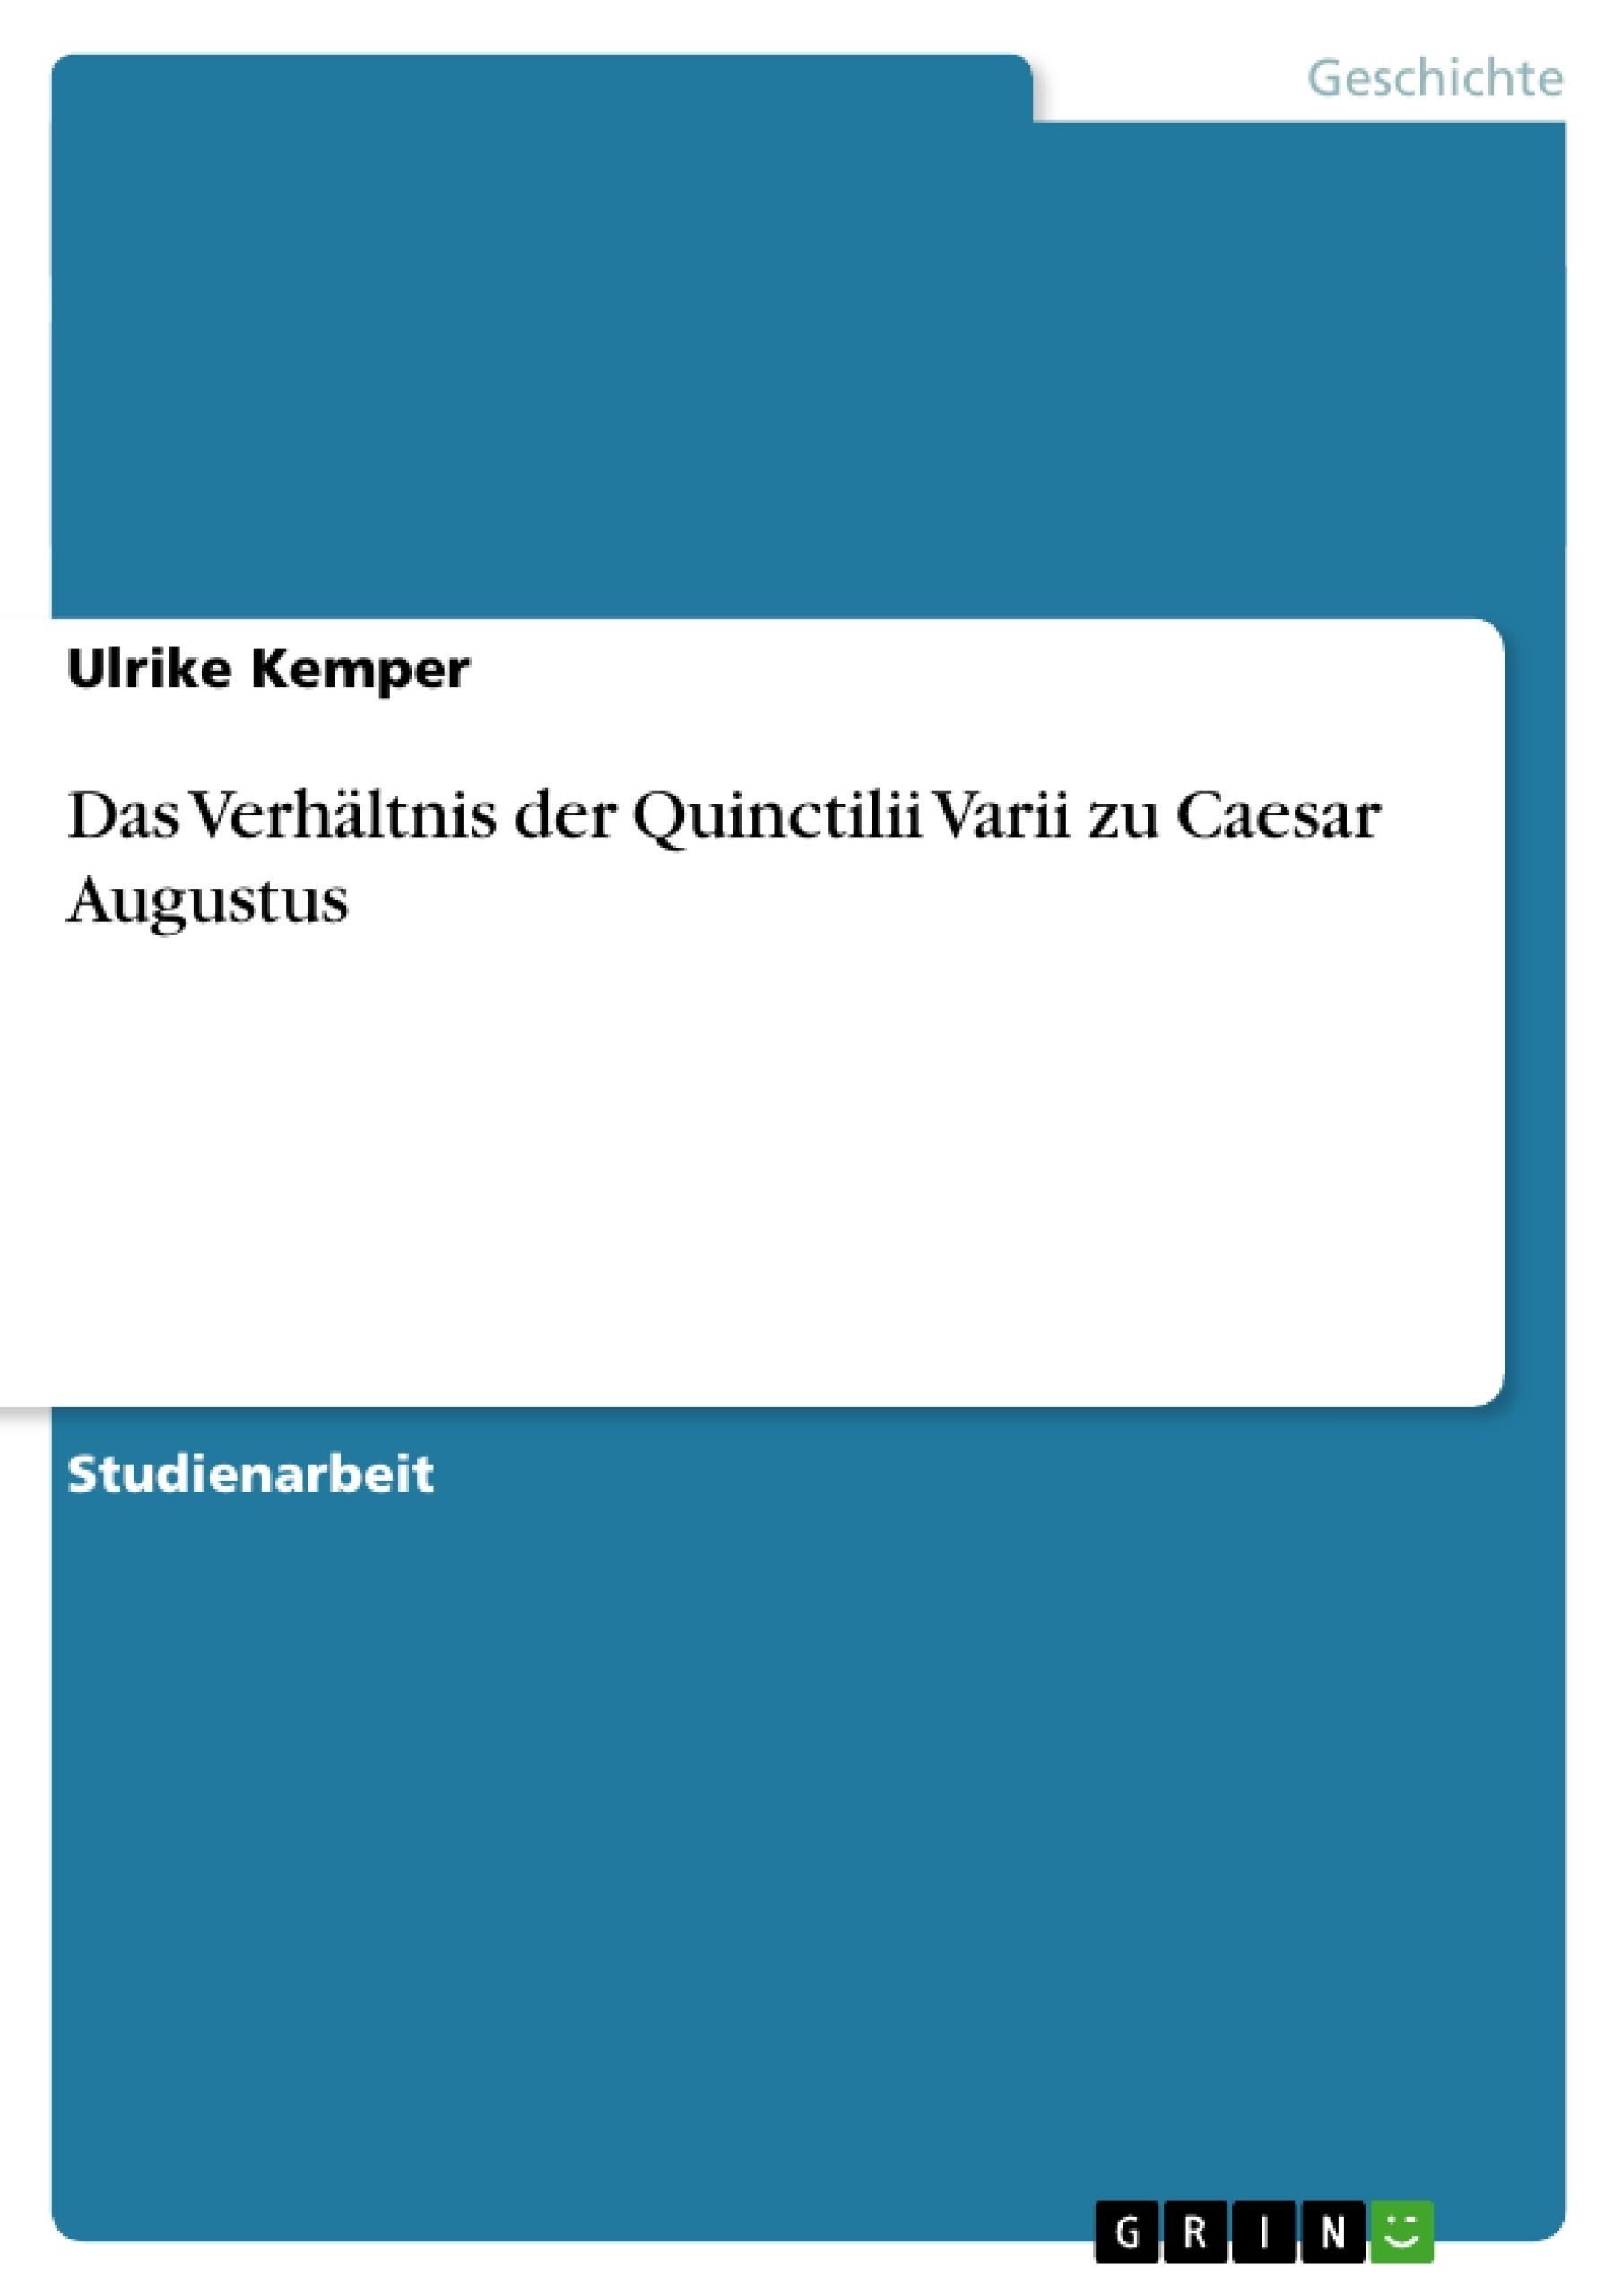 Titel: Das Verhältnis der Quinctilii Varii zu Caesar Augustus